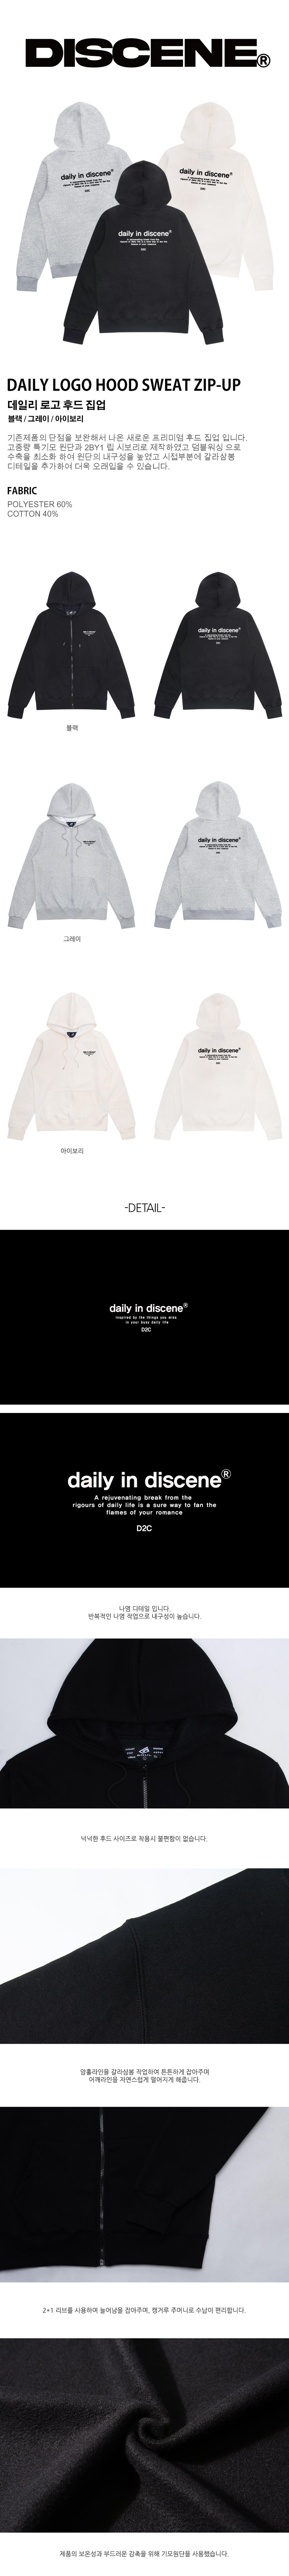 디씬 - DAILY LOGO - 후드집업 - (SBJDSH-001)